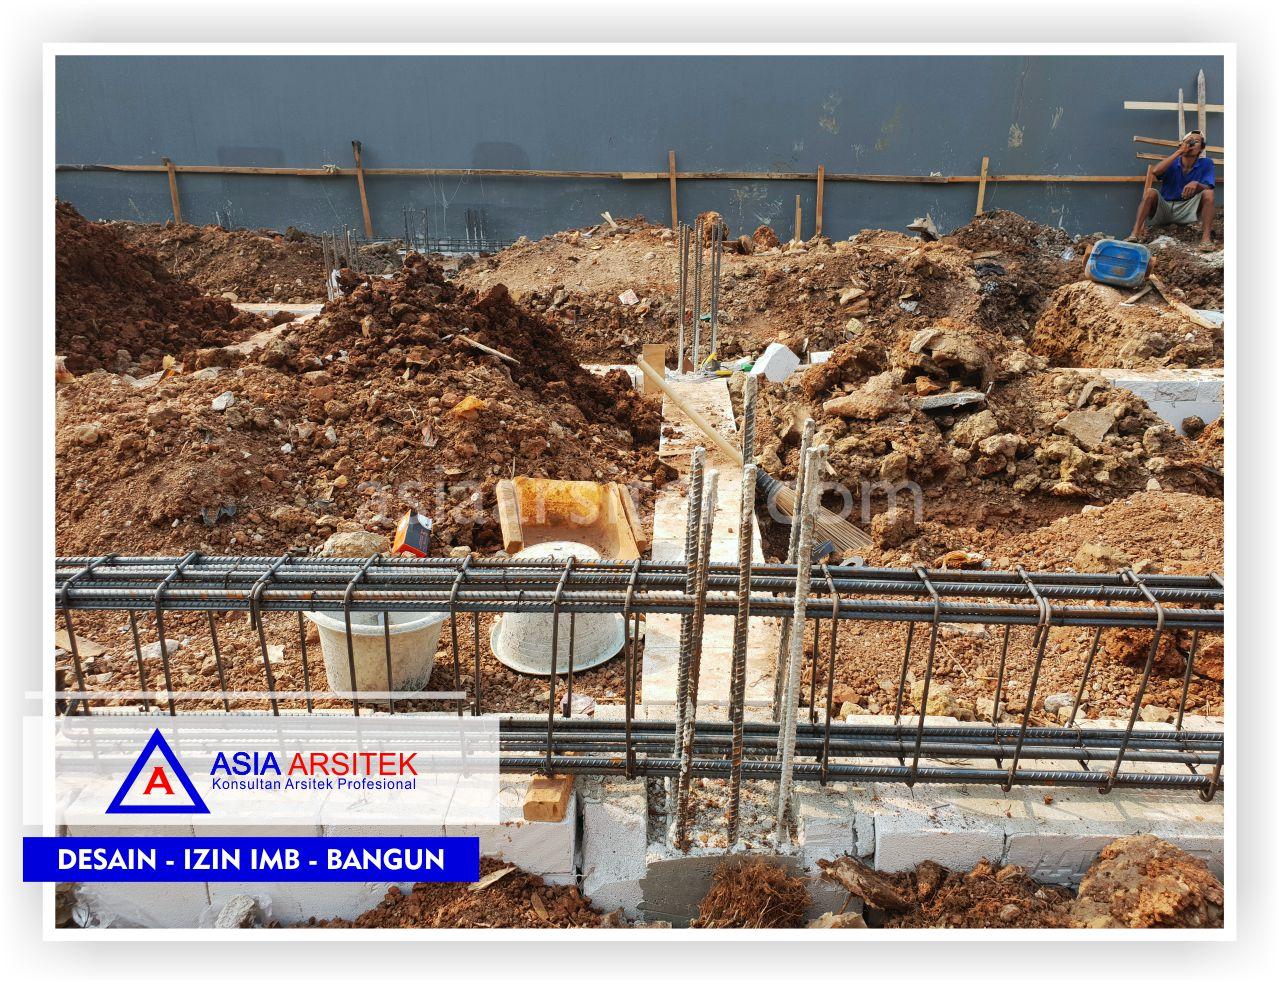 Struktur Sloof Rumah Minimalis Bu Alfi Di Jakarta-Bogor-Tangerang-Bekasi-Bandung-Jasa Konsultan Desain Arsitek Profesional - Desain Rumah Mewah - Arsitek Gambar Desain Rumah Klasik Mewah 4